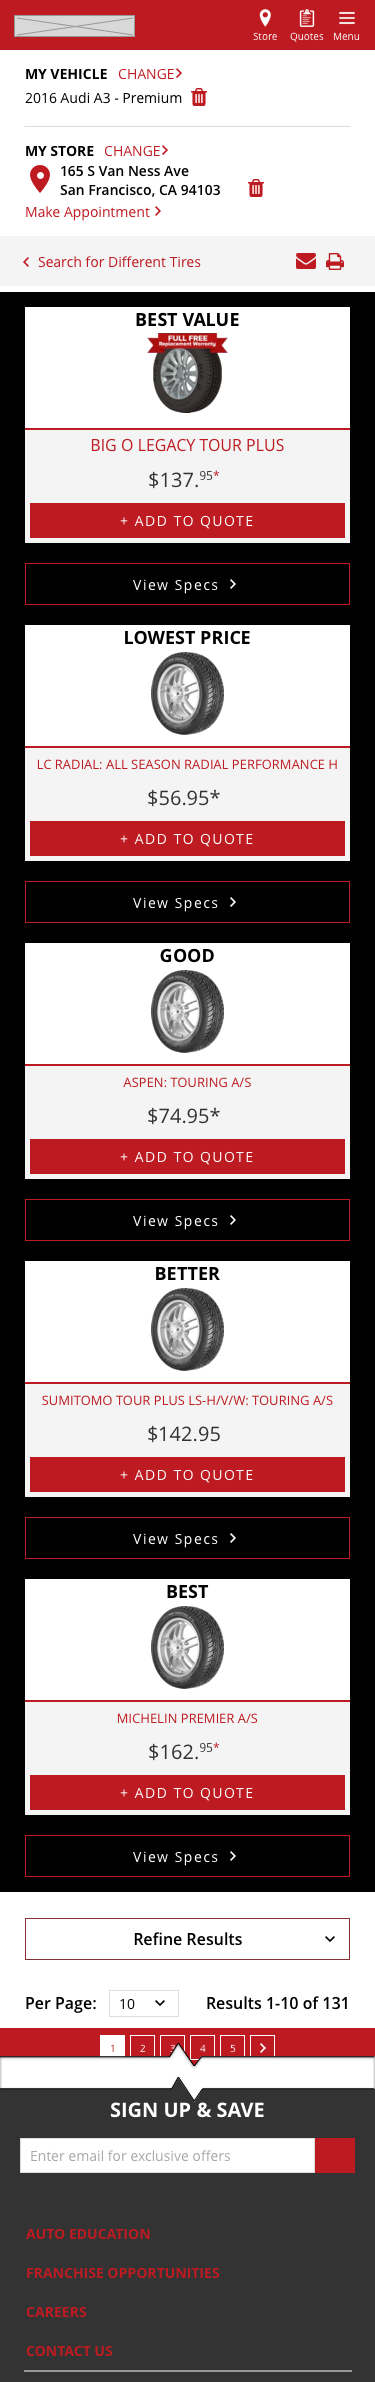 Tire Comparison Vertical Layout